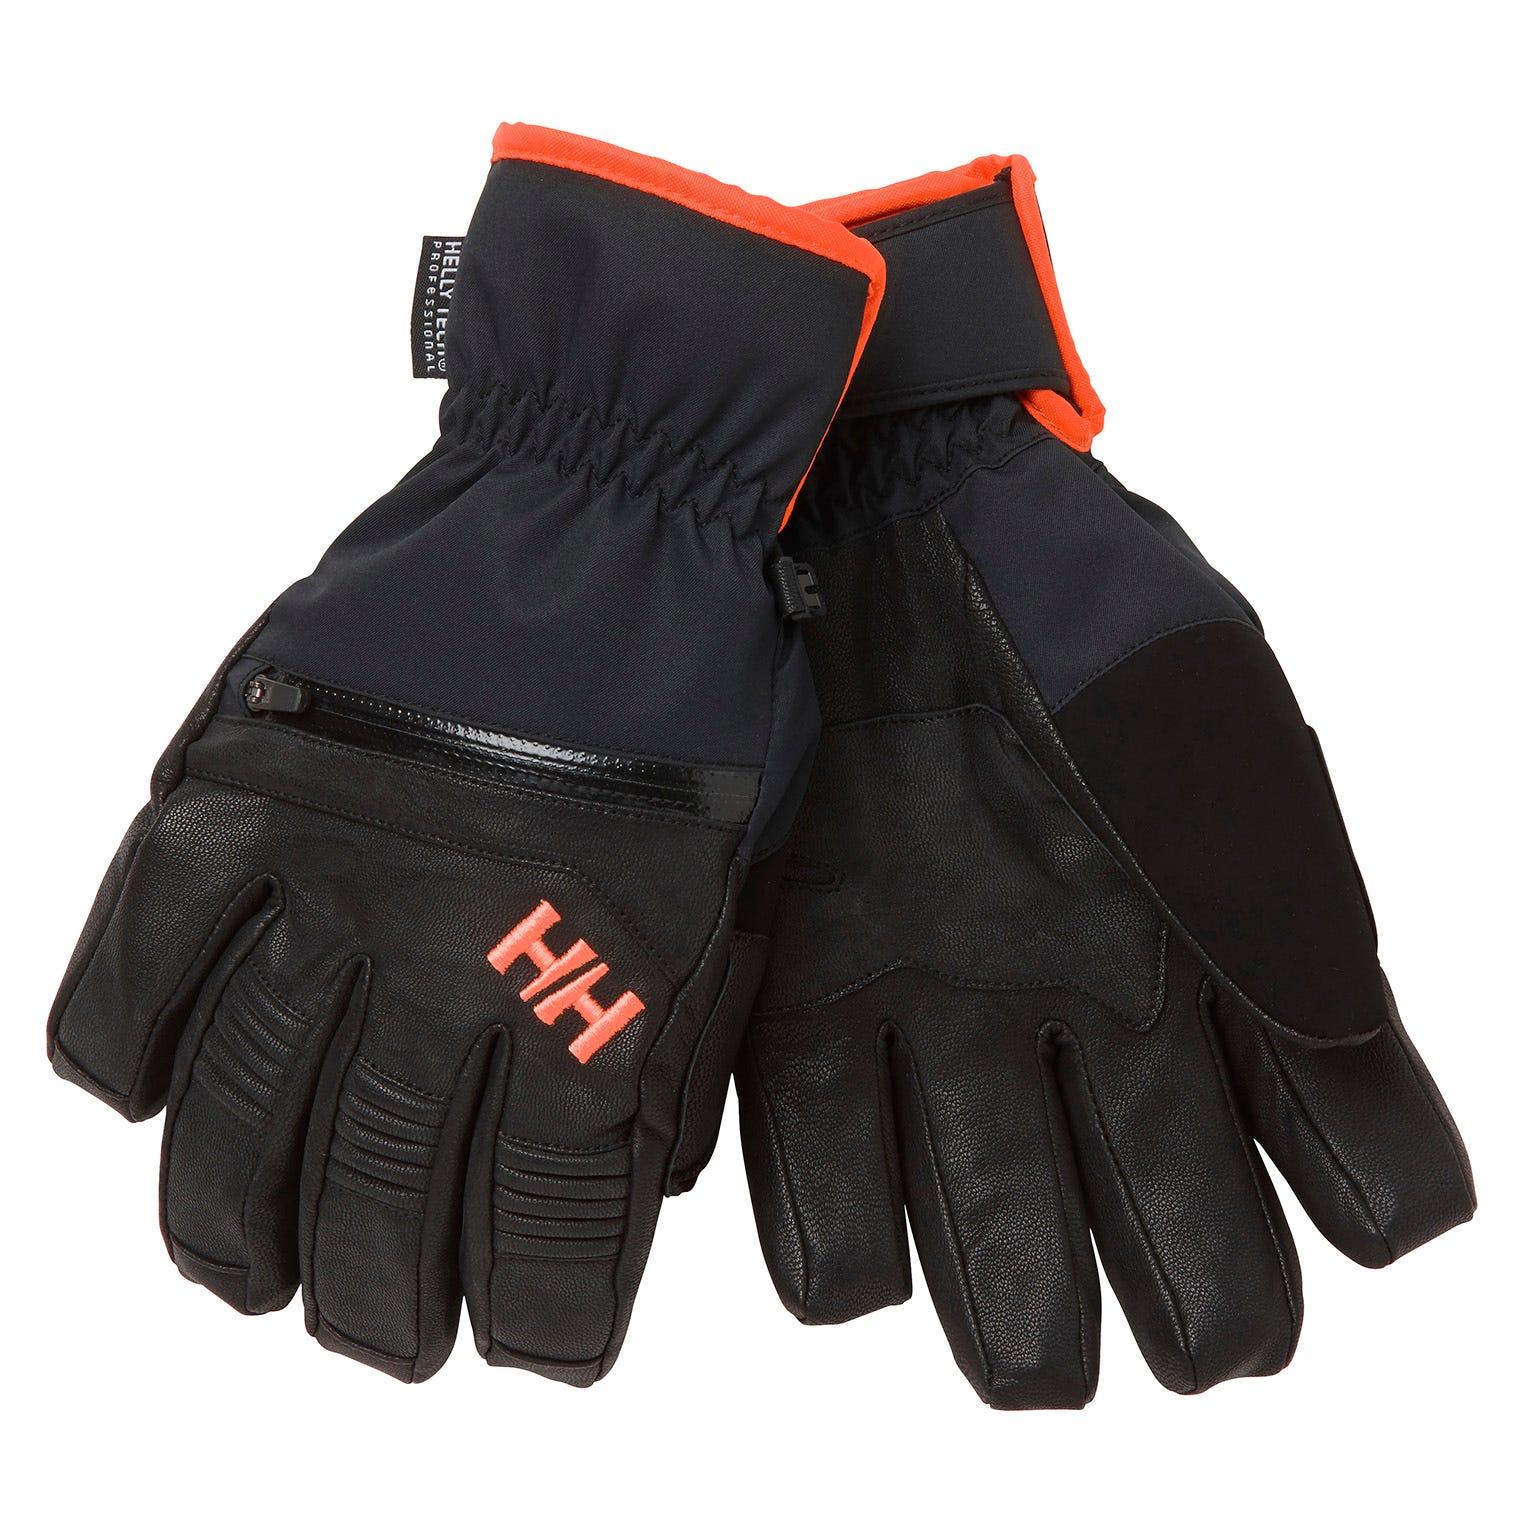 Helly Hansen Unisex Alpha Warm Tech Ski Gloves   XL Black